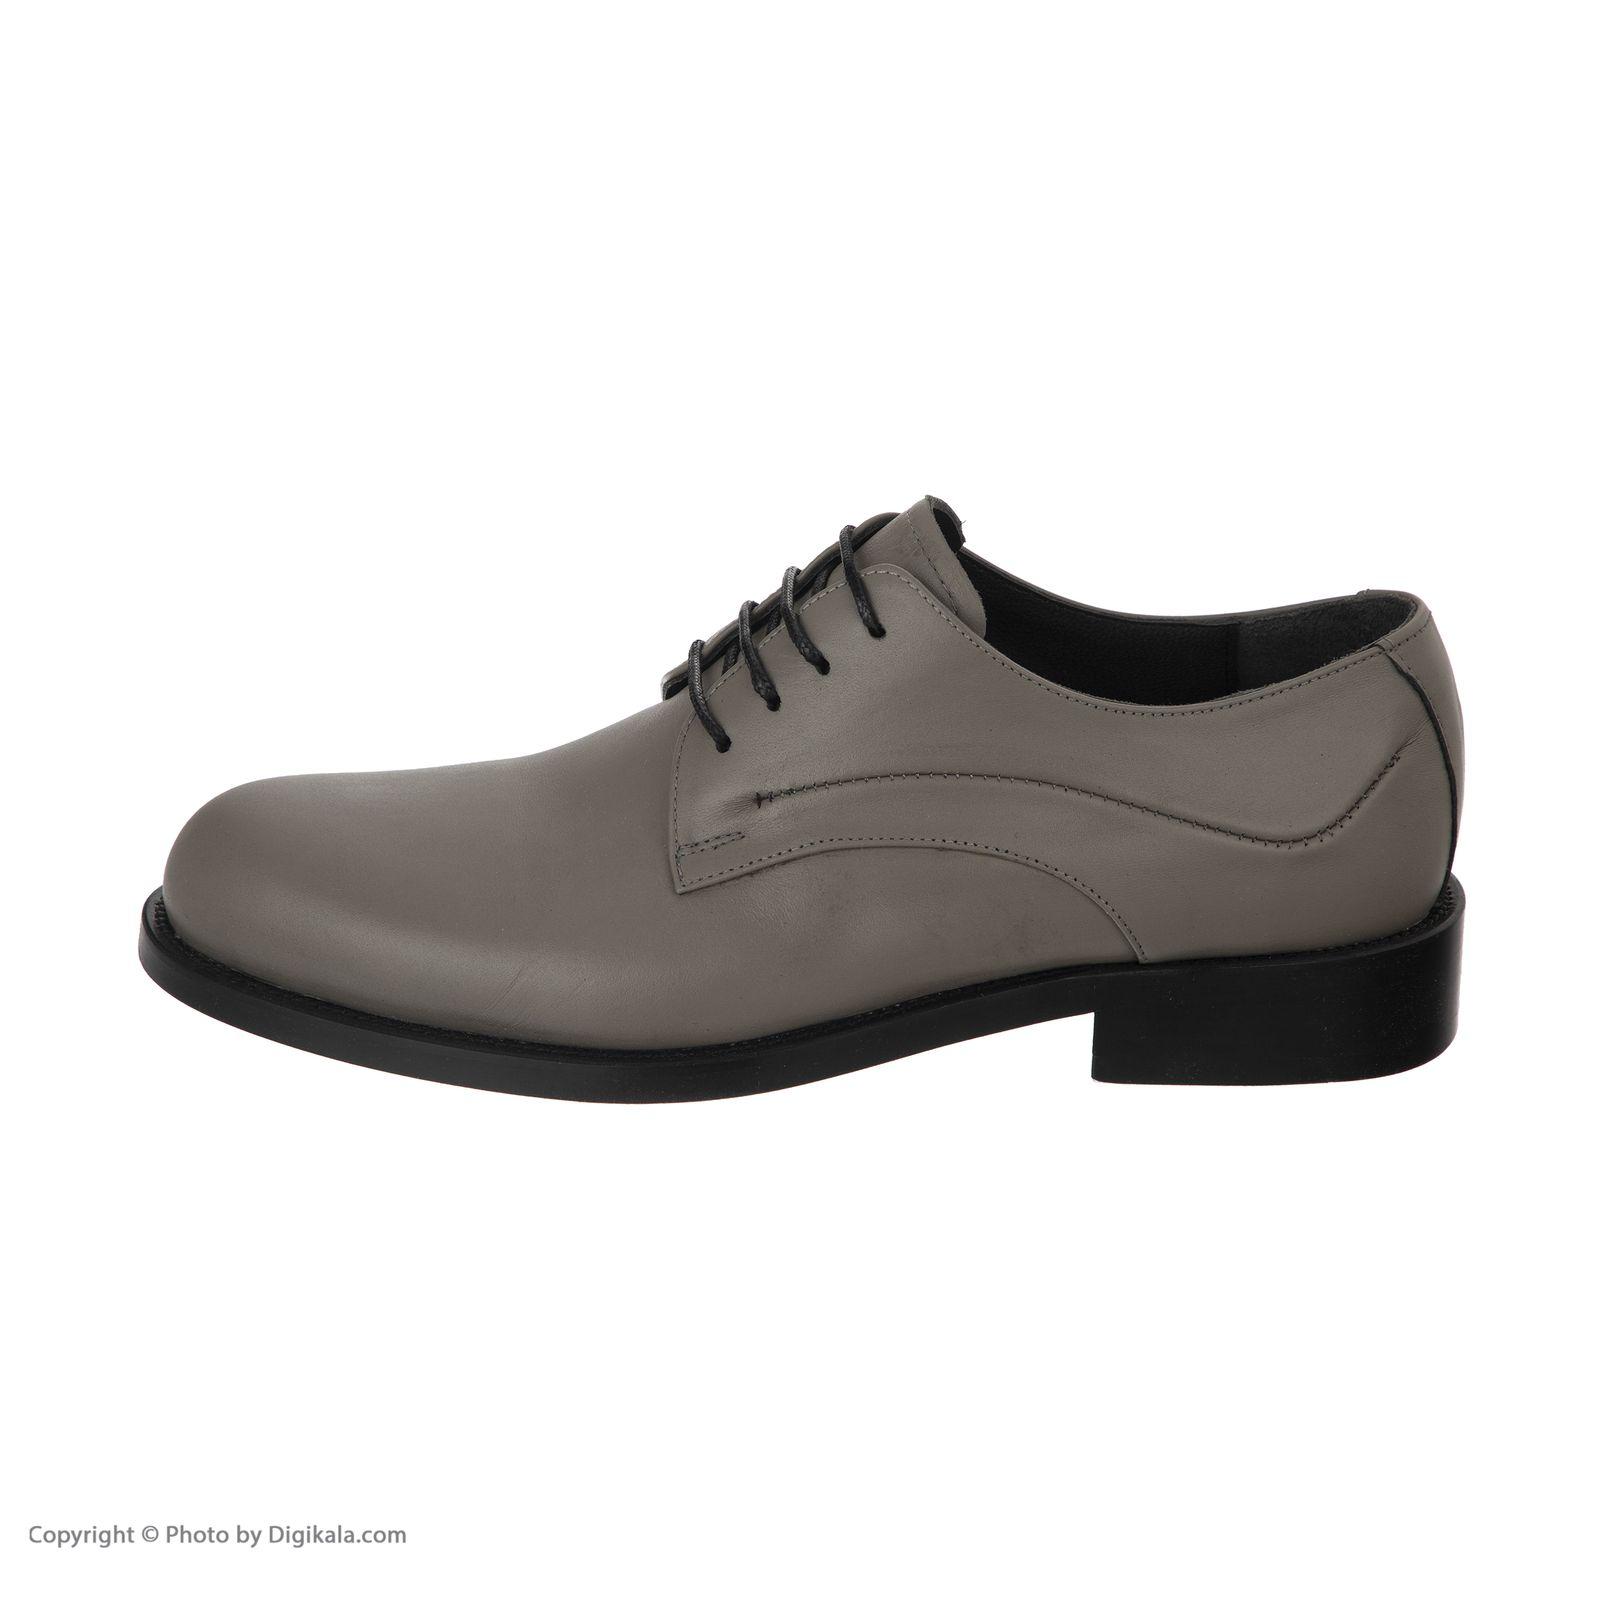 کفش مردانه آرتمن مدل Andrew-41803 -  - 3